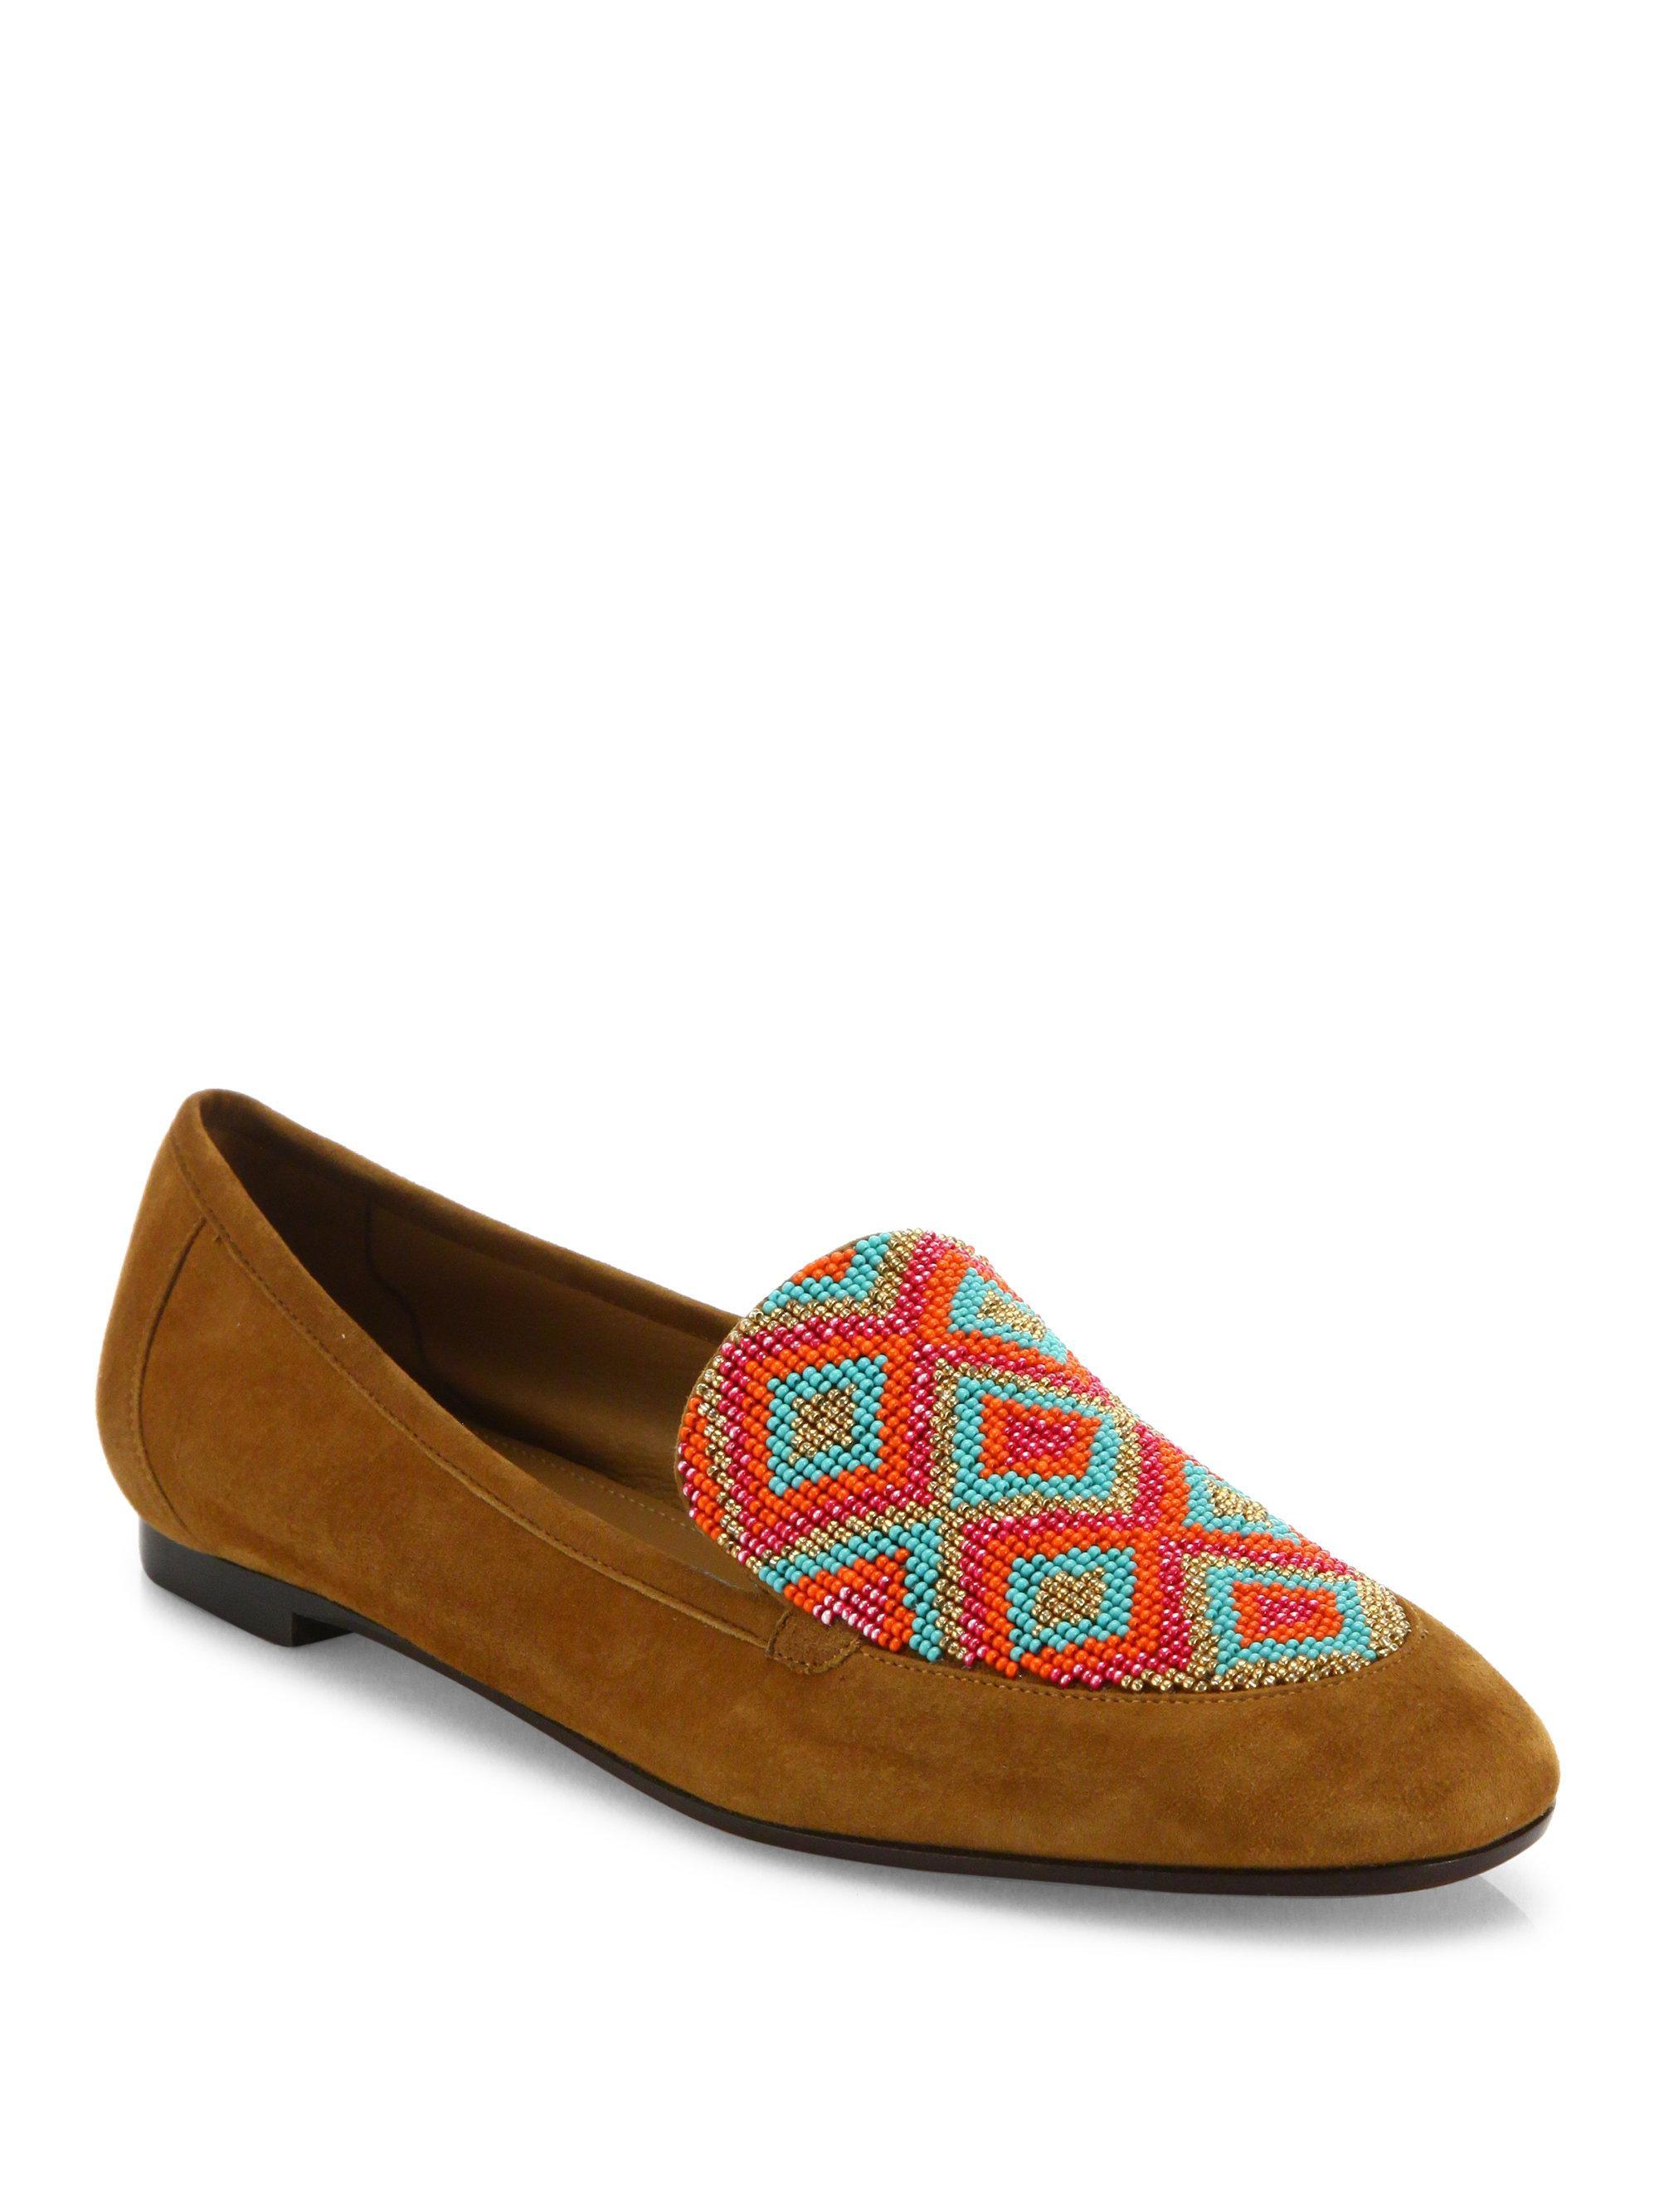 Aquazzura. Women's Masai Beaded Suede Loafers